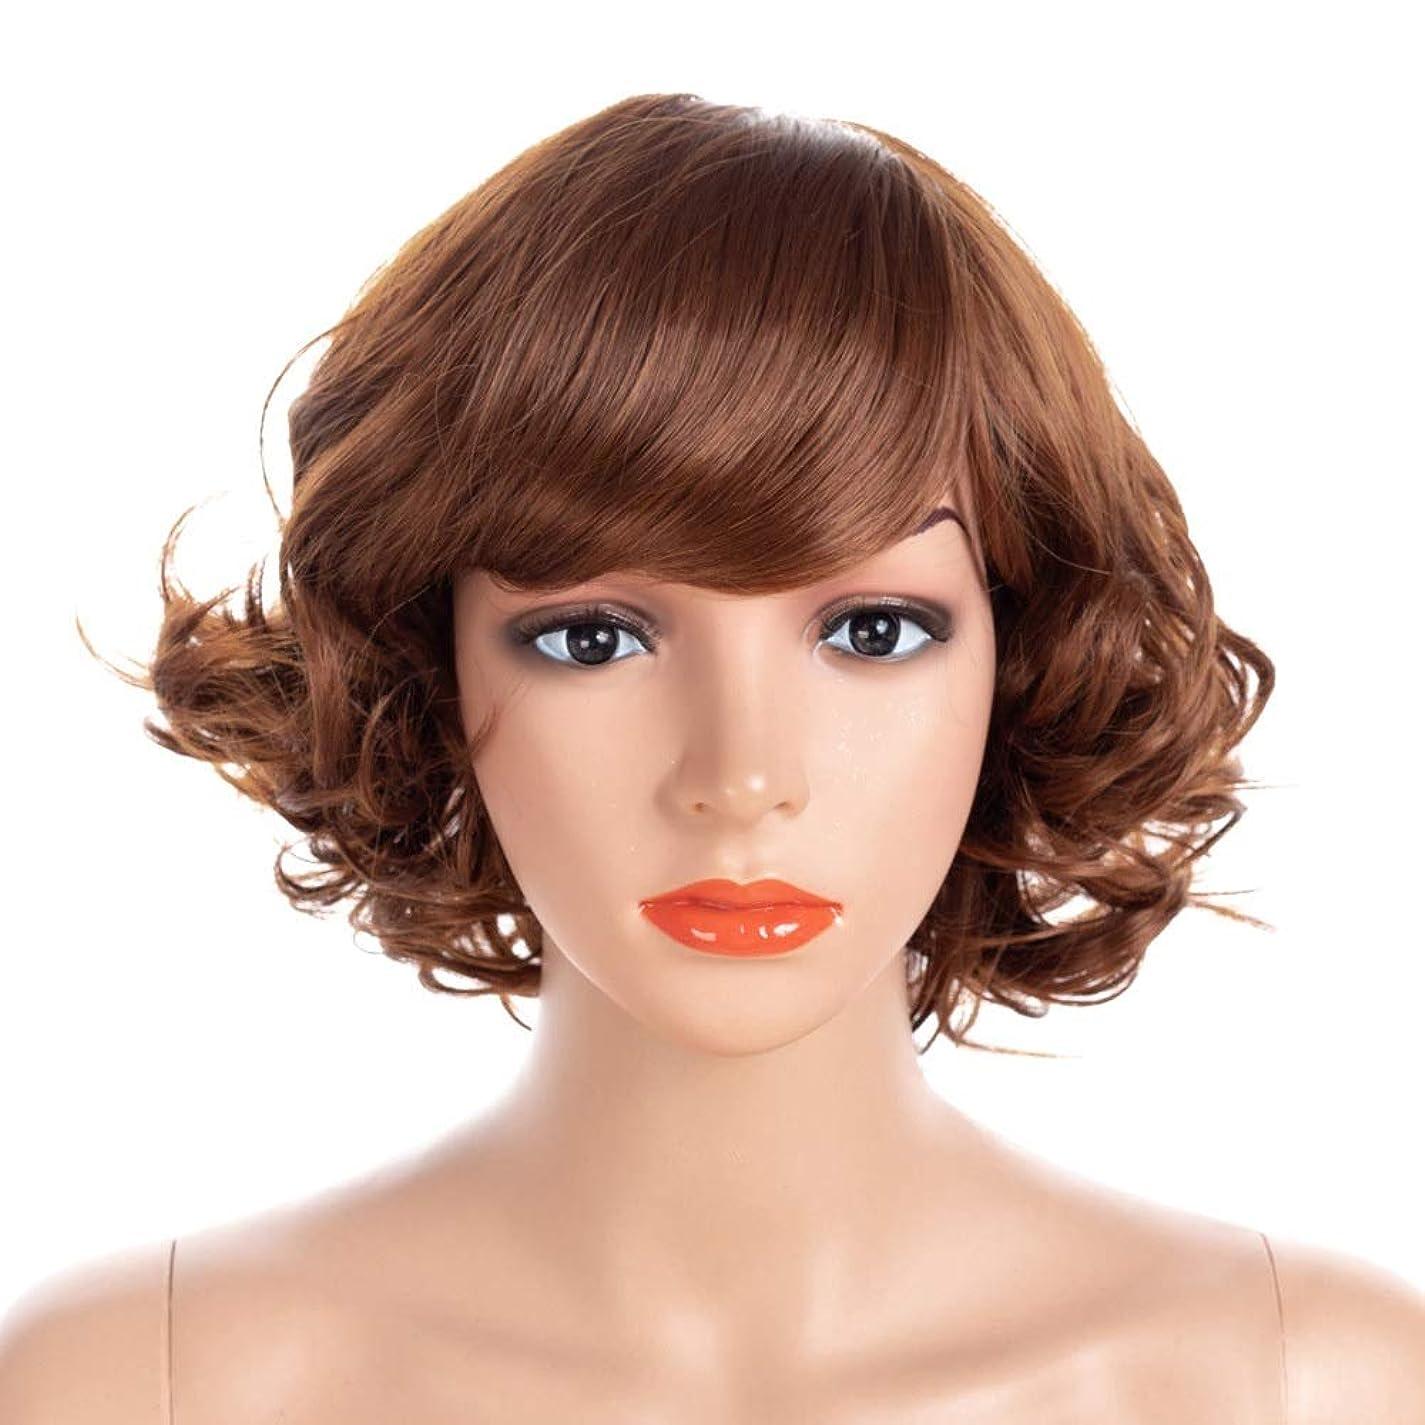 適応する尊厳粘液Isikawan 女性のためのファンシードレス&コスプレパーティー高品質ナチュラル探しのための茶色の短い波状の巻き毛のかつら (色 : ブラウン, サイズ : 40cm)